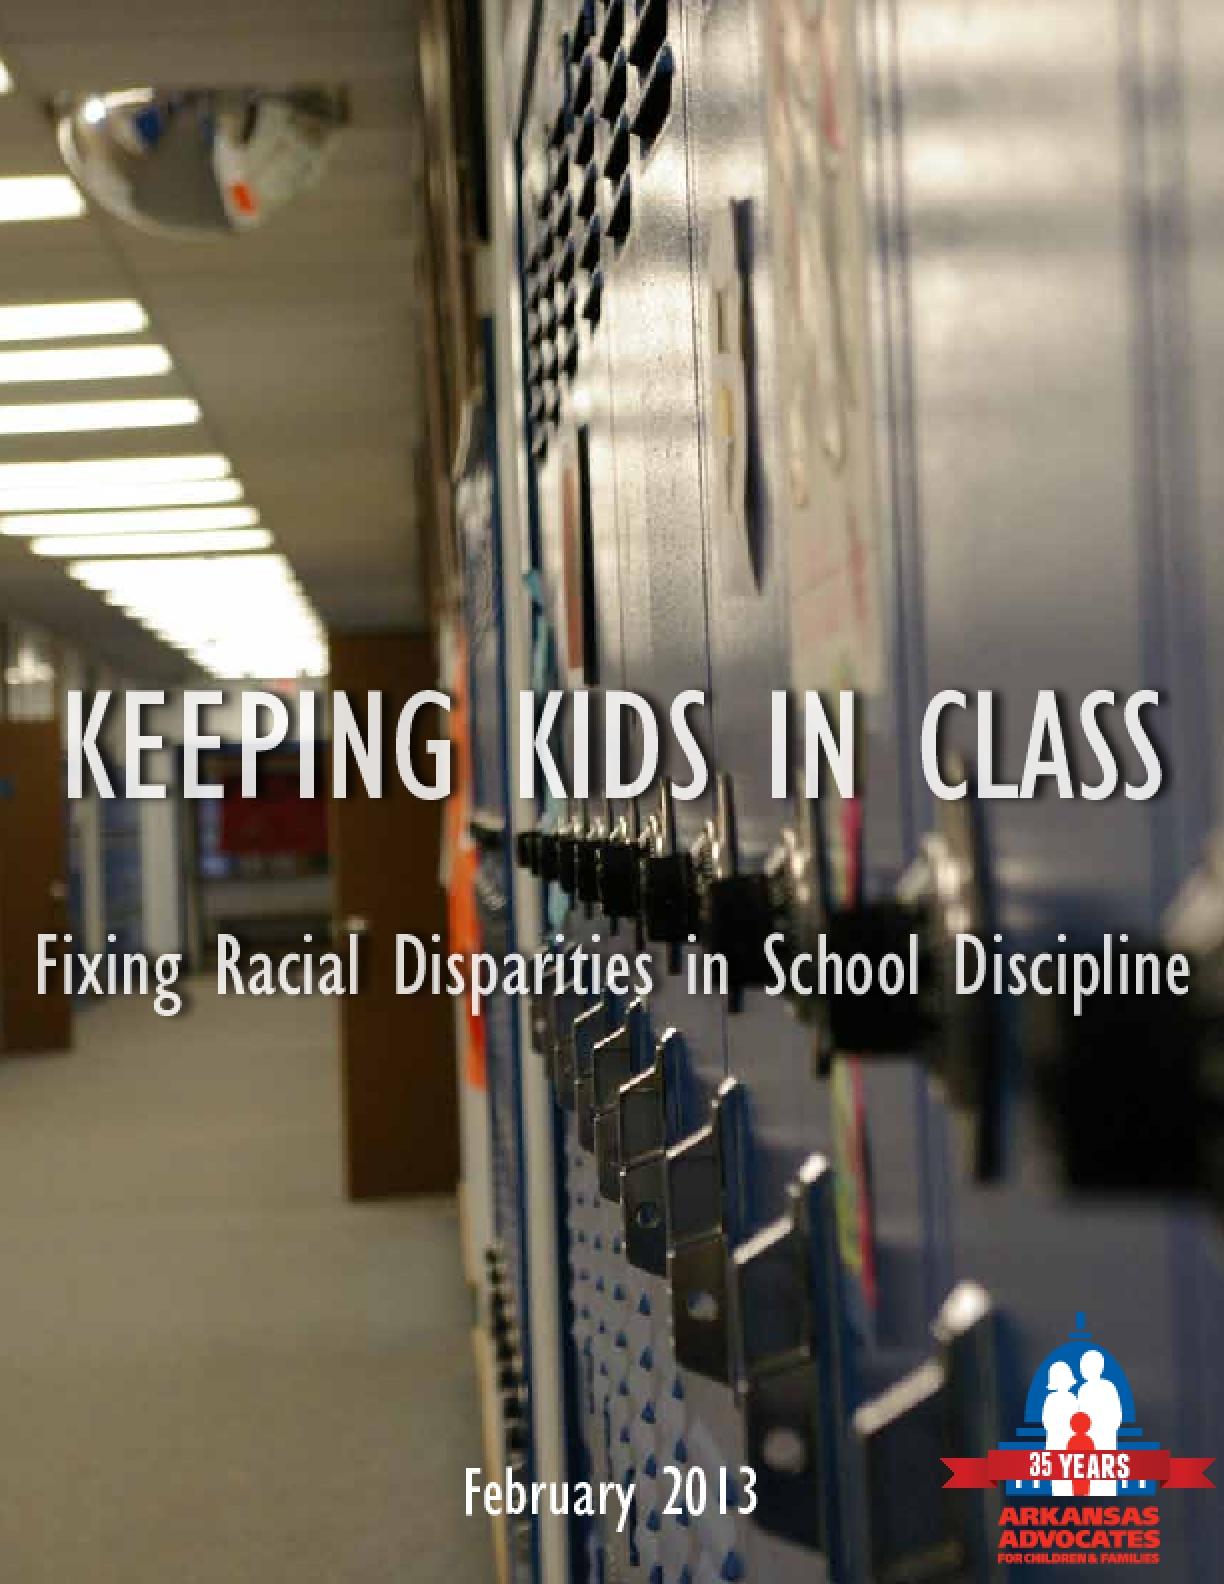 Keeping Kids in Class: Fixing Racial Disparities in School Discipline